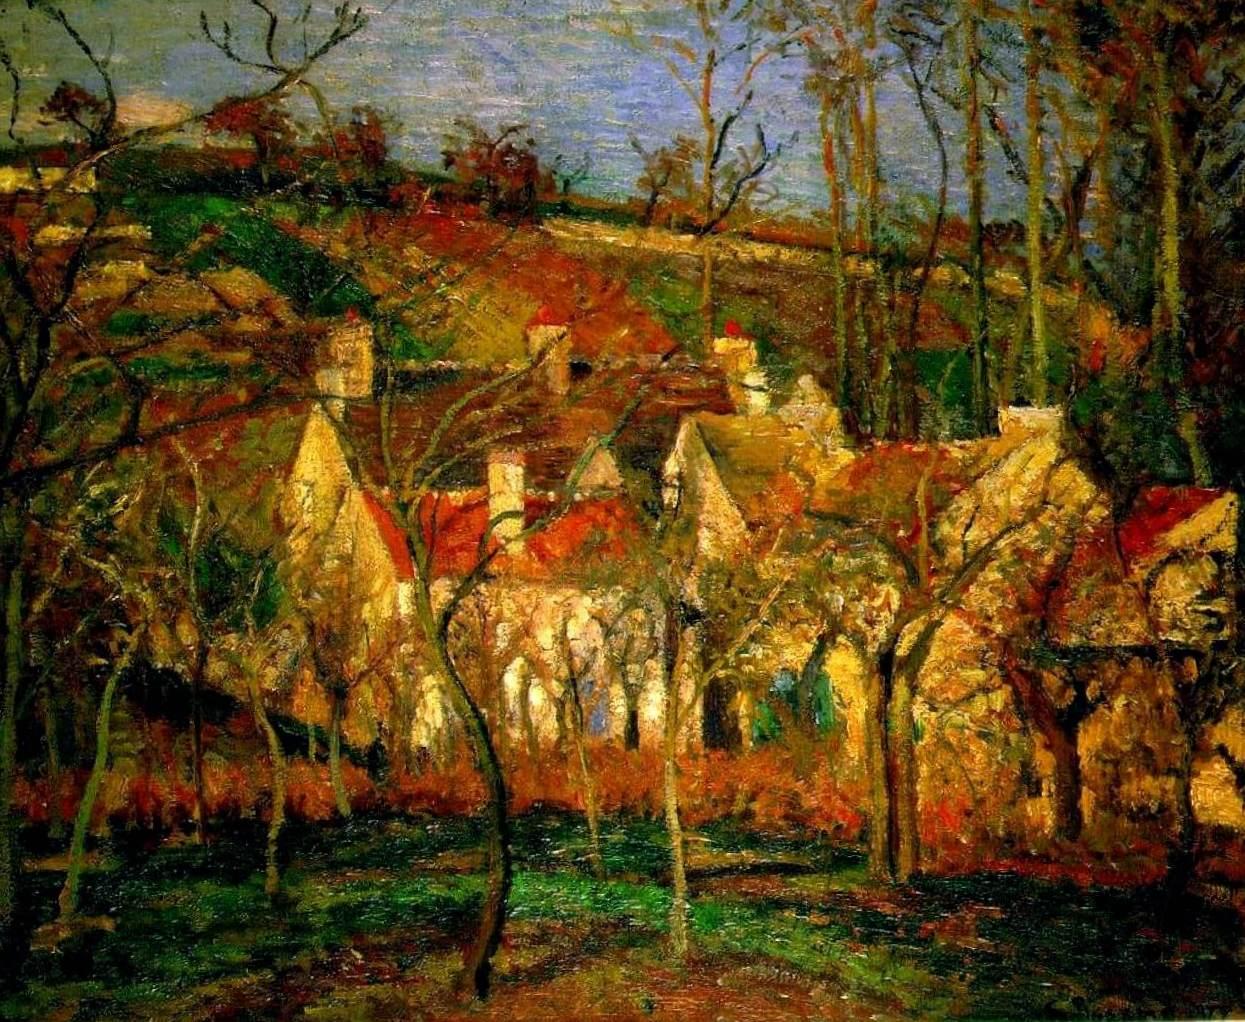 Красные крыши - Камиль Писсарро (1877, Музей д'Орсэ, Париж)